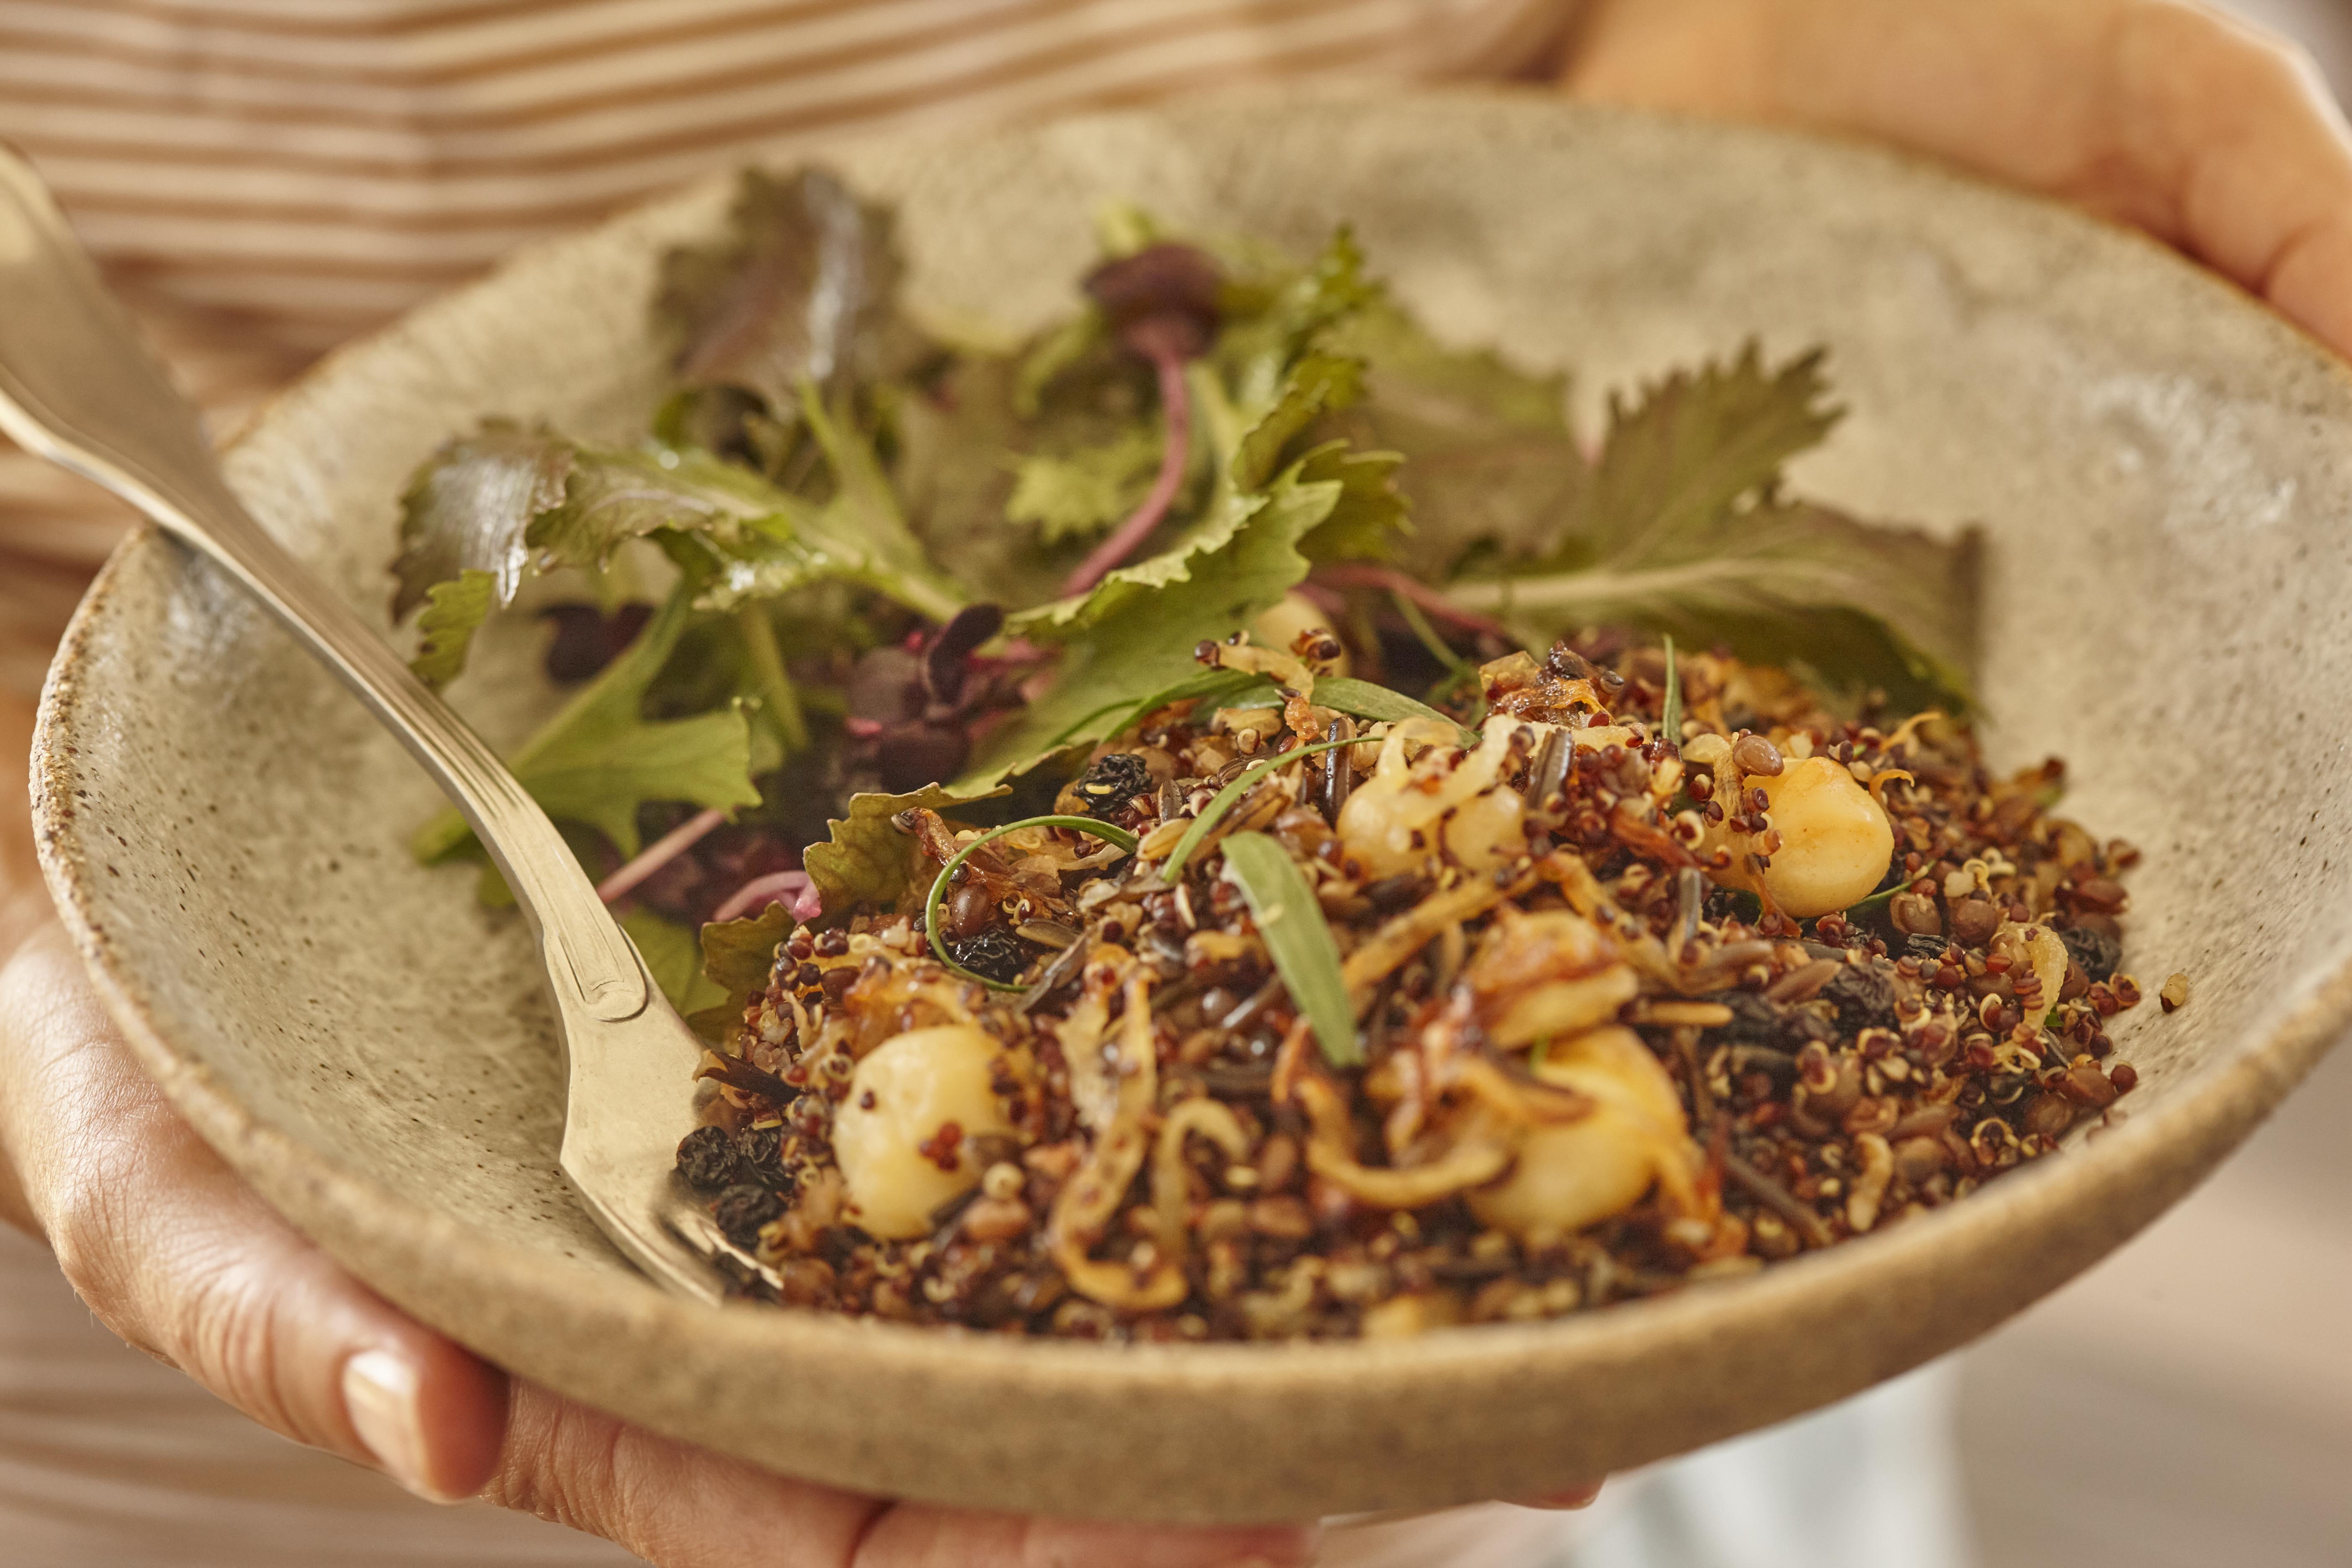 7. Quinoa, wild rice, lentil and macadamia salad